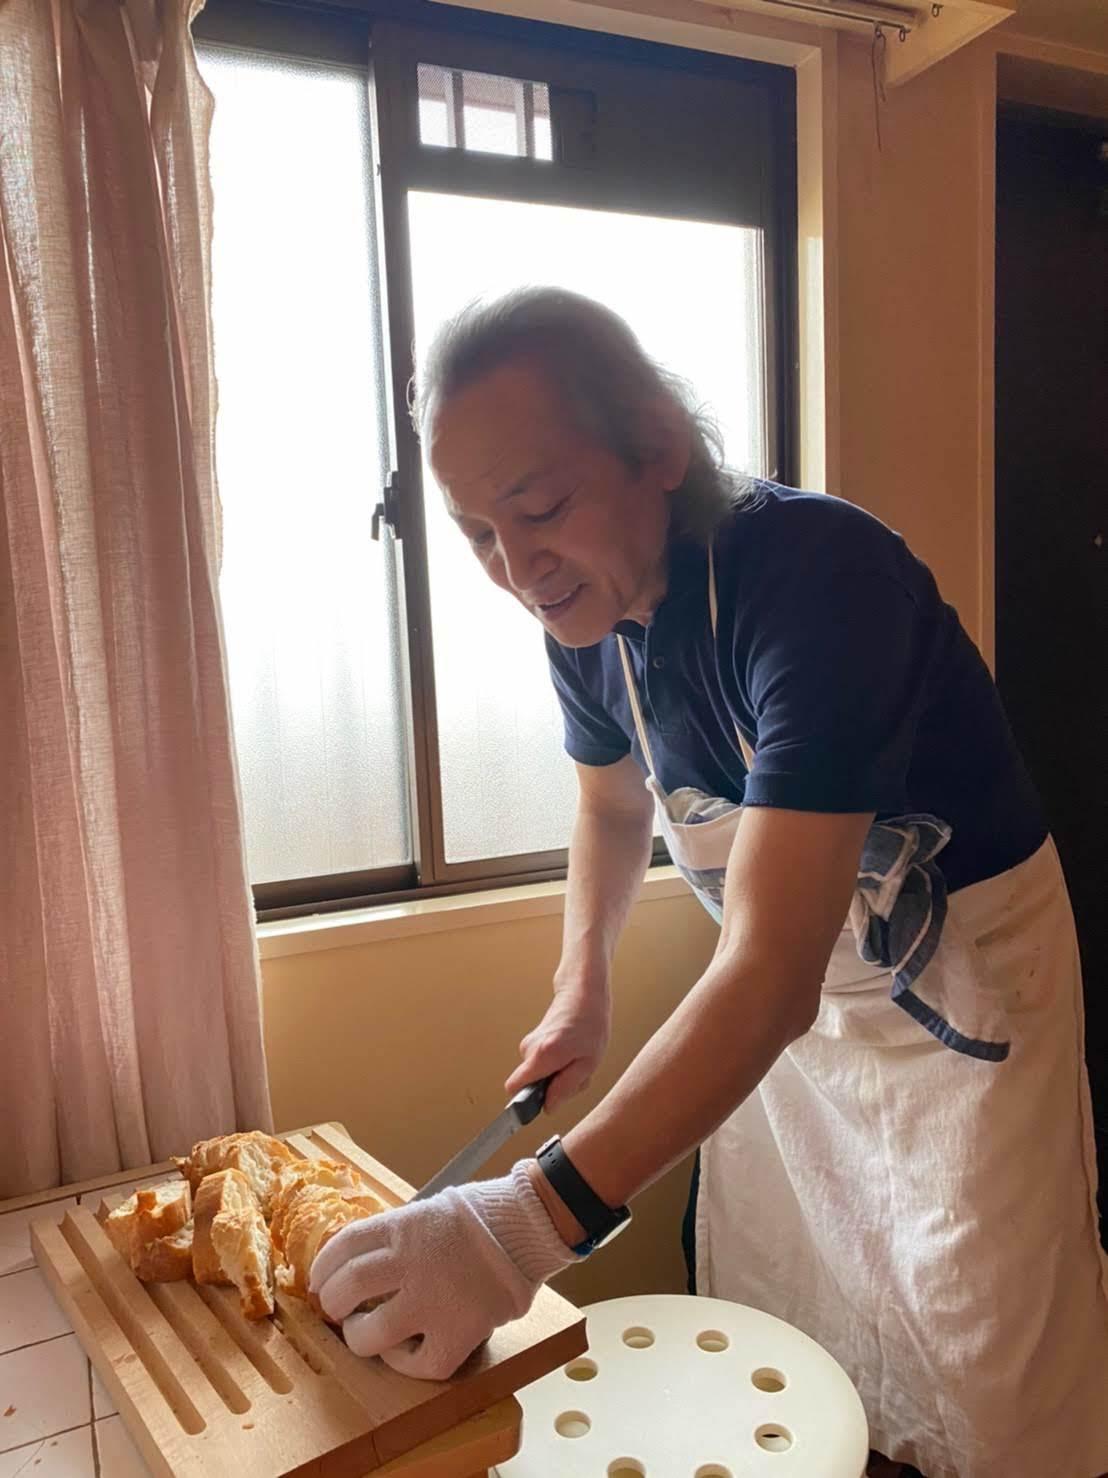 レストラン流、美味しいステーキの焼き方を習いました【サン・ファソン 本多シェフに習うフレンチ】_b0345136_21195853.jpg